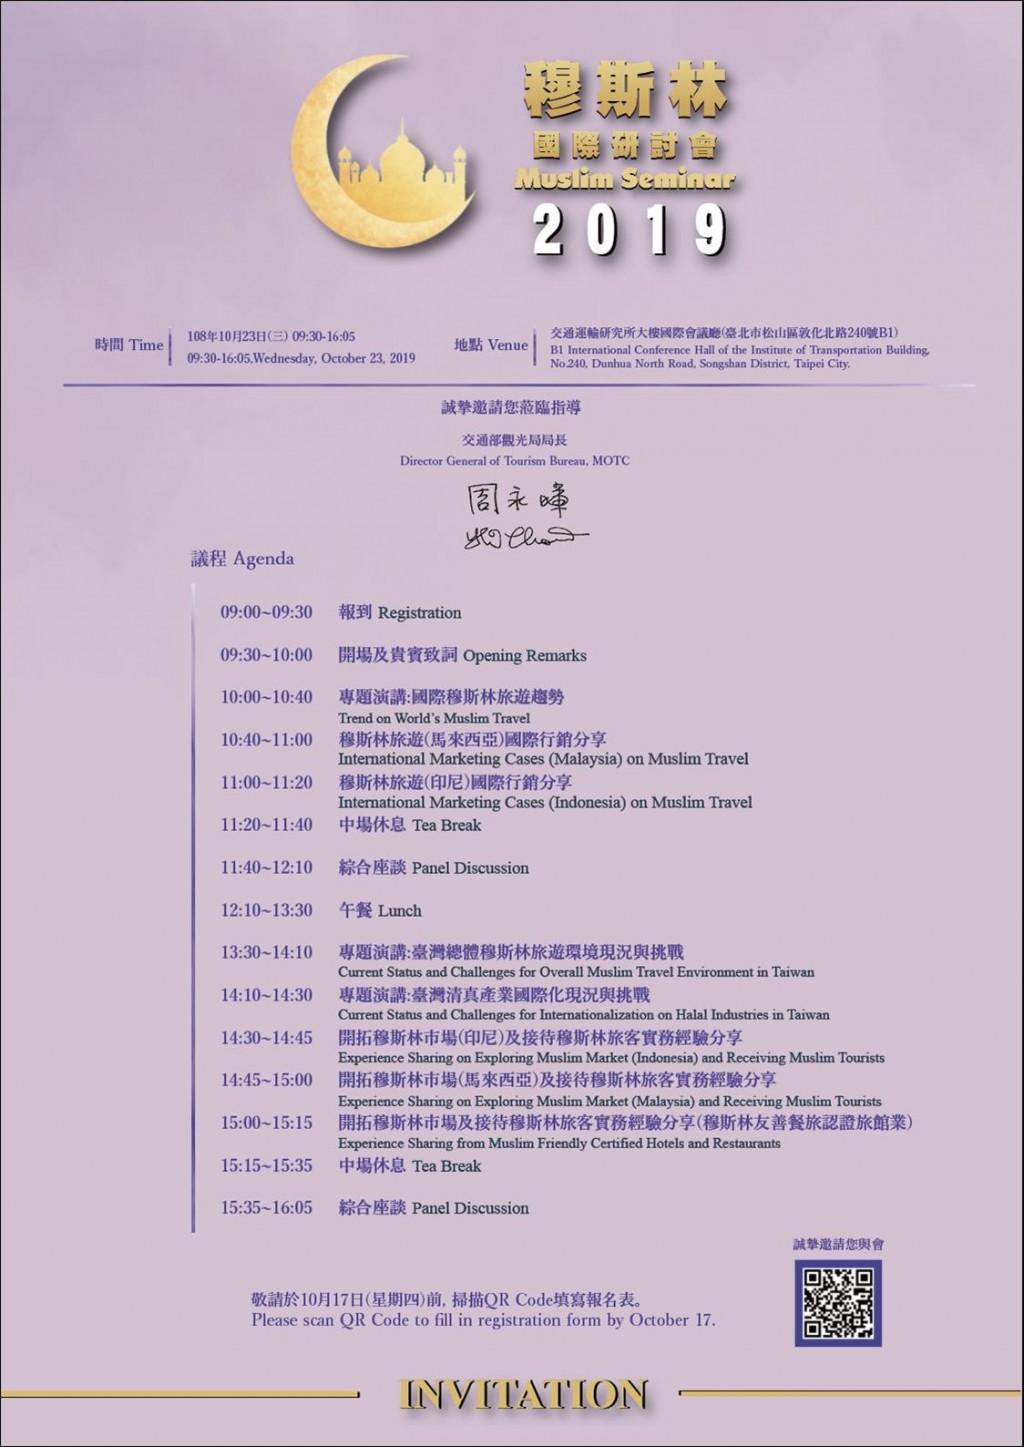 「2019穆斯林國際研討會」歡迎報名。(照片來源:翻攝自交通部觀光局網站)